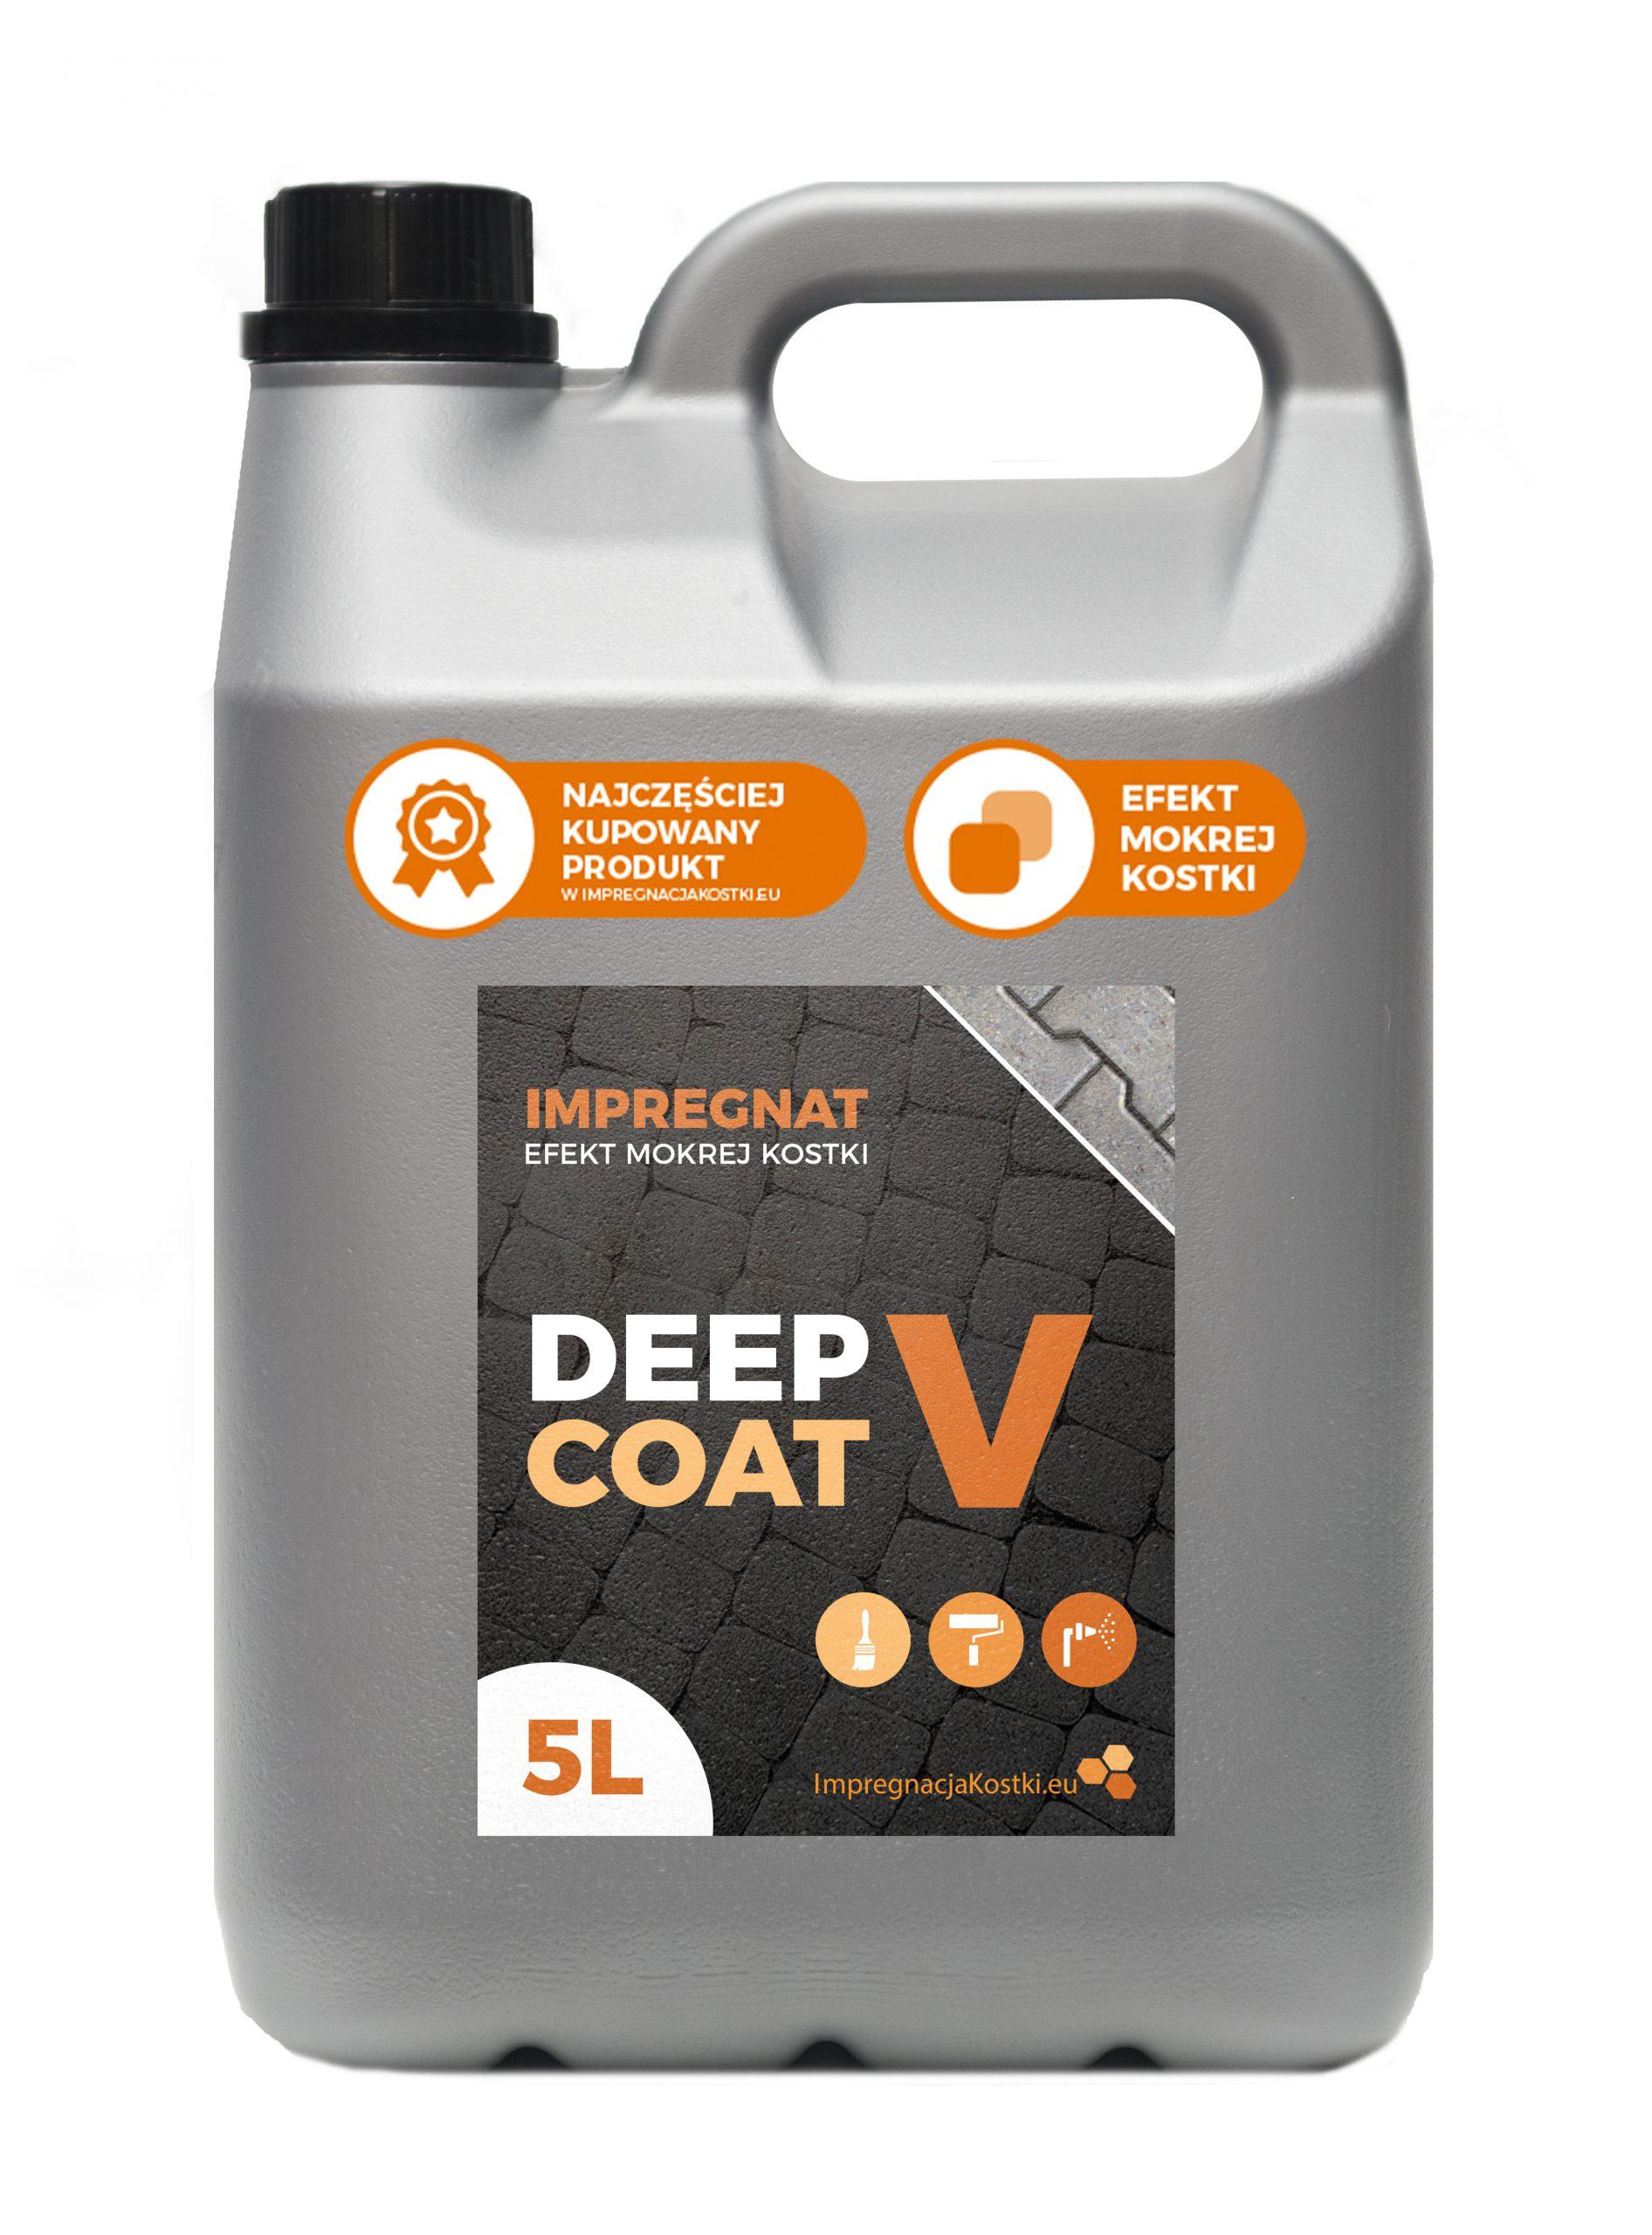 DEEP COAT V